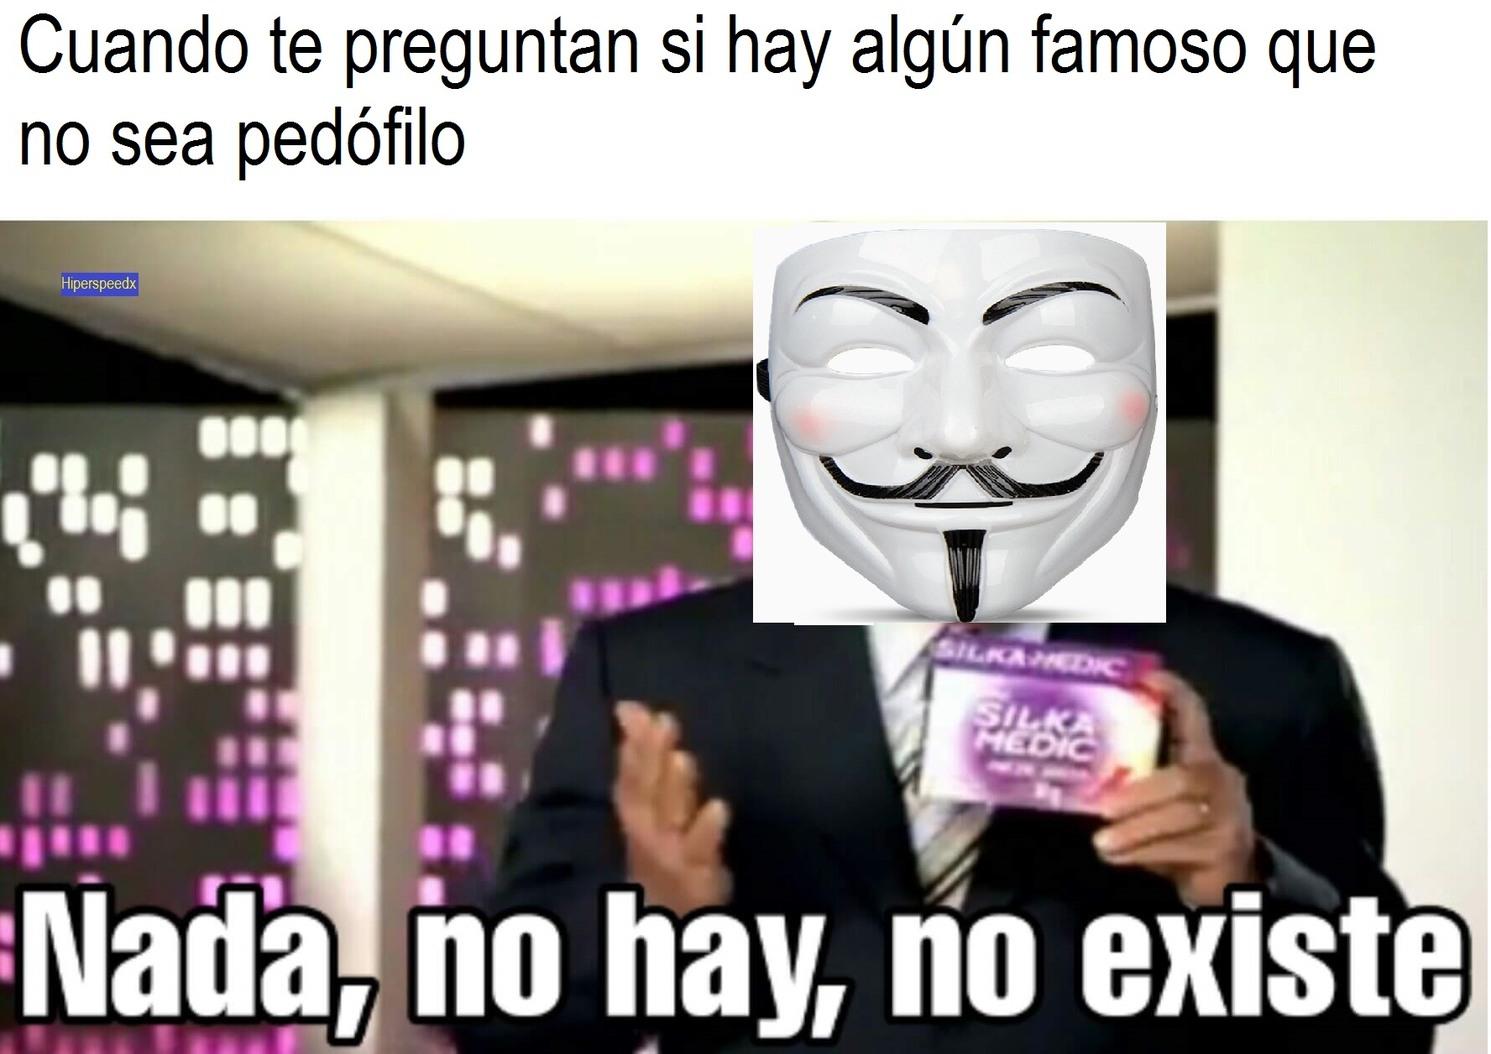 Según Anonymous y los demás flasheros, todo aquel que tiene fama o algún mérito internacional es un pedófilo. - meme